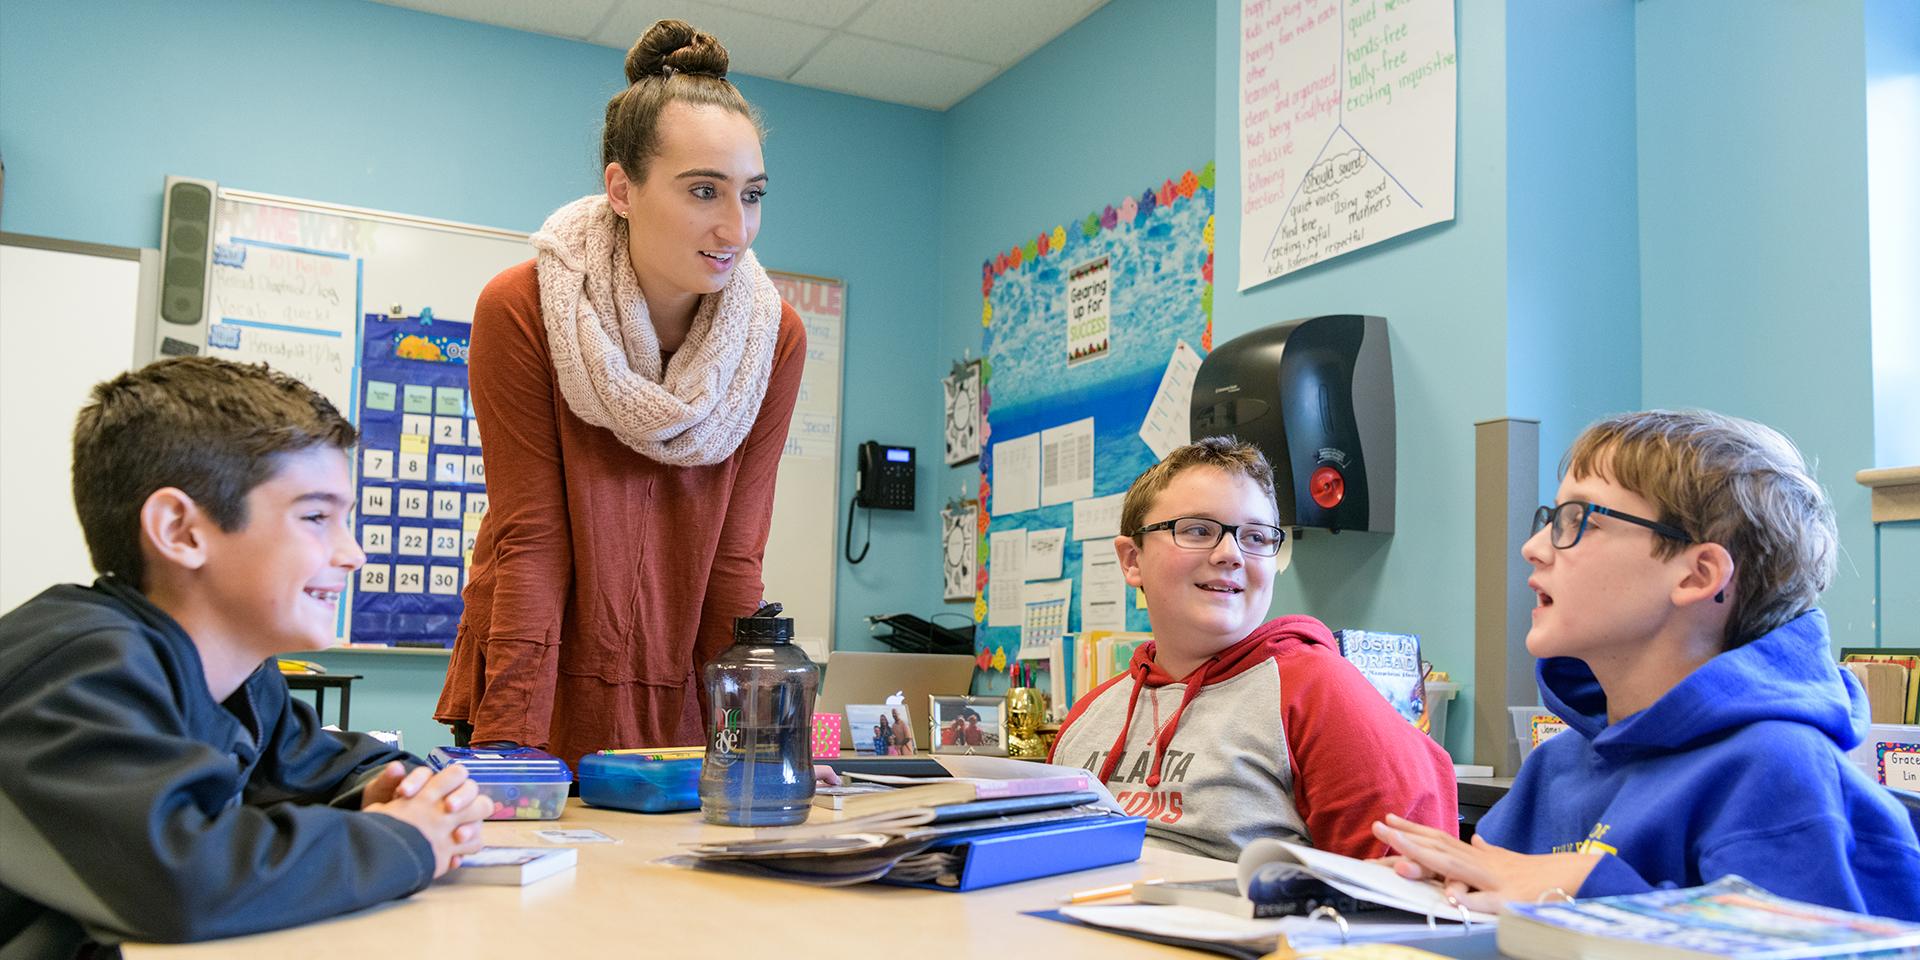 Student teacher talks to three elementary school students